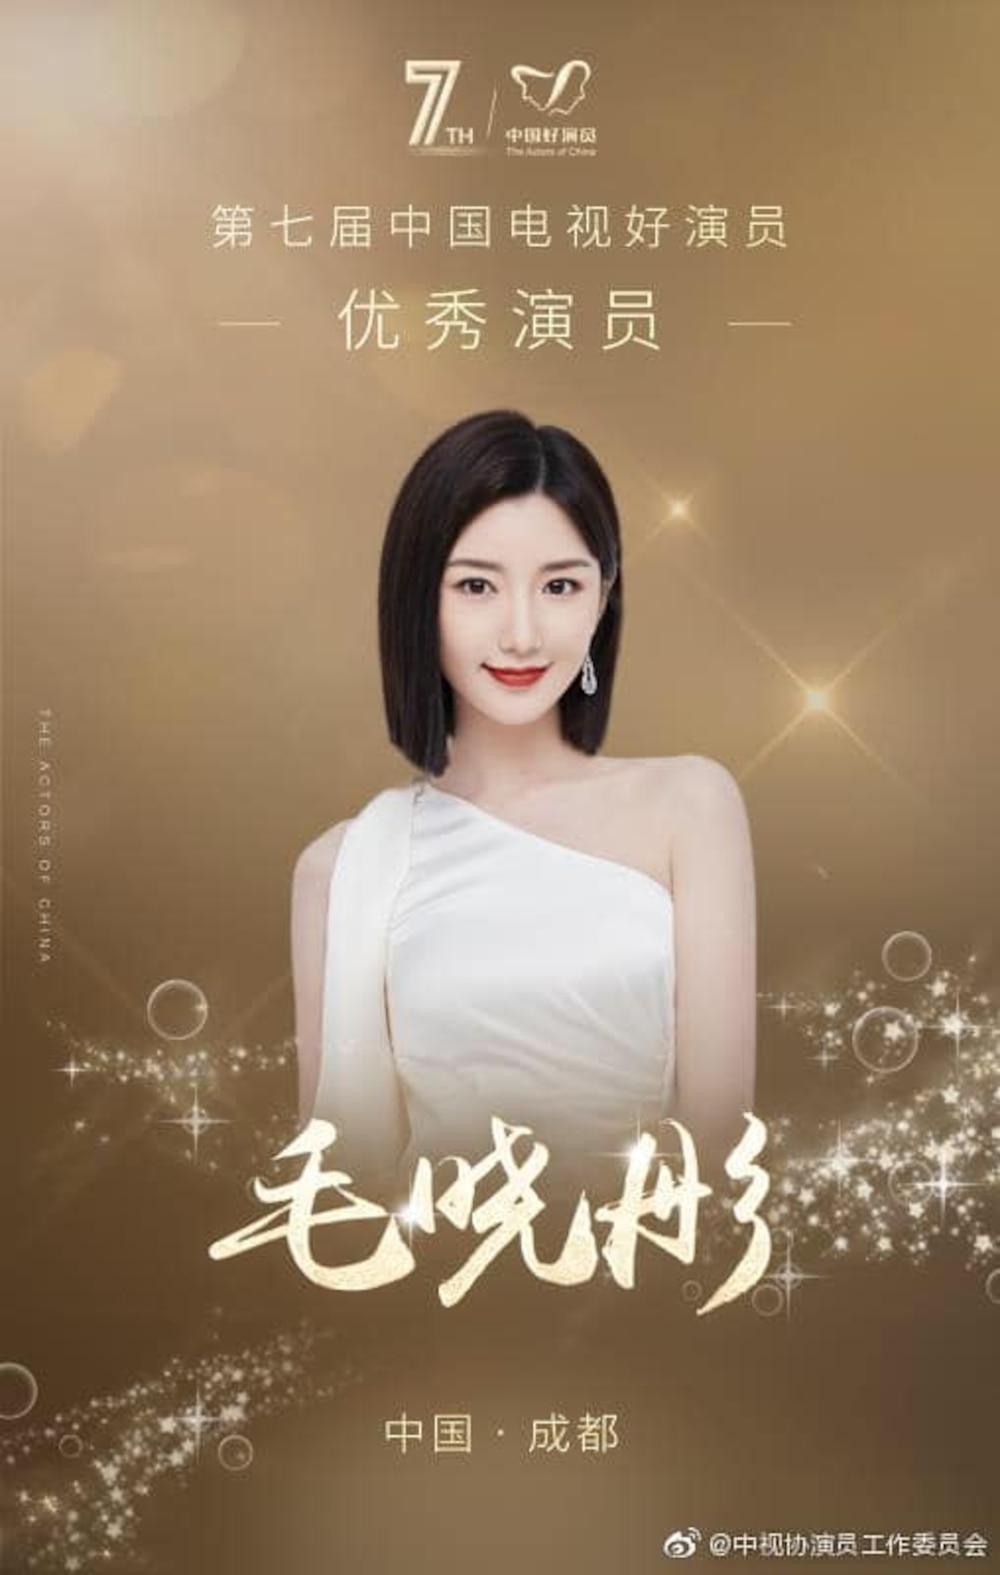 Bảng xếp hạng diễn viên truyền hình xuất sắc: Tiêu Chiến, Vương Nhất Bác, Tống Uy Long đều không có tên 6